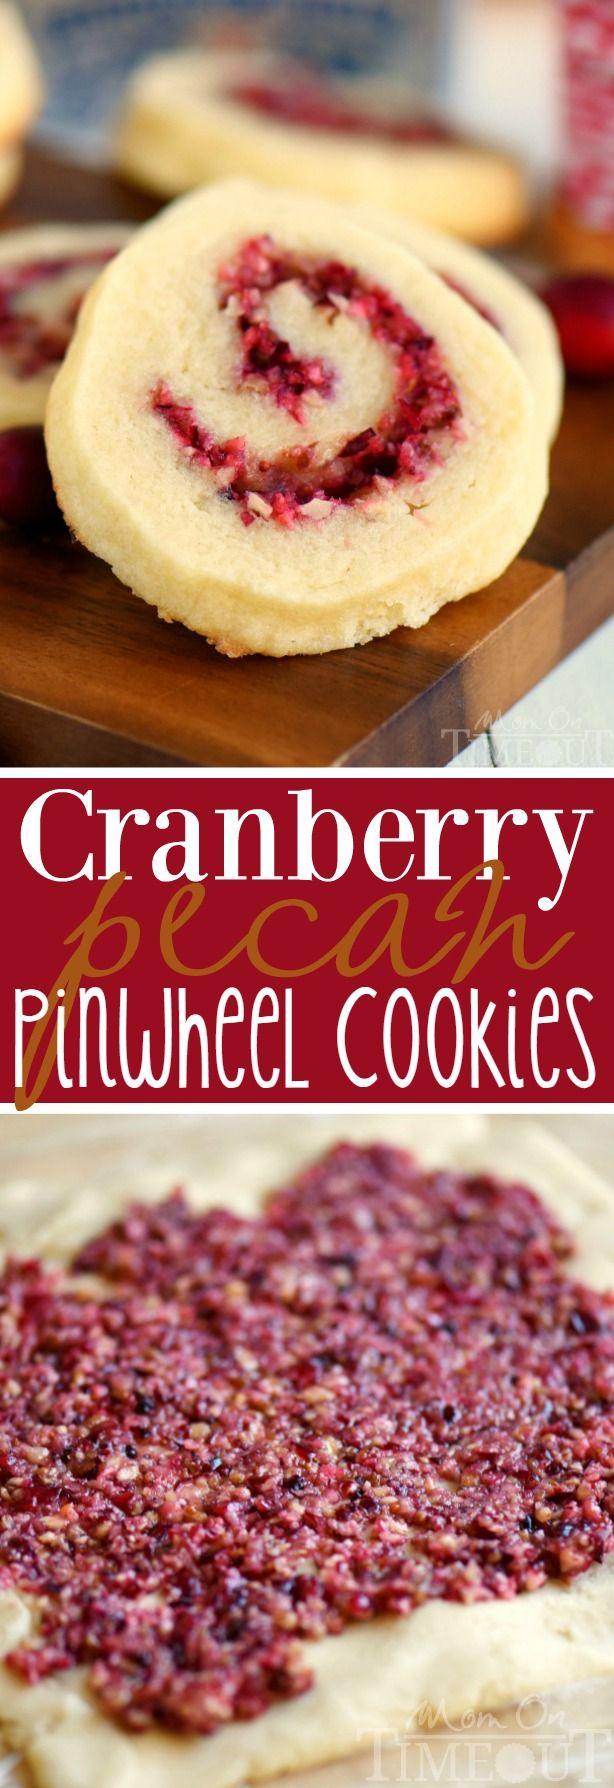 Cranberry Pecan Pinwheel Cookies